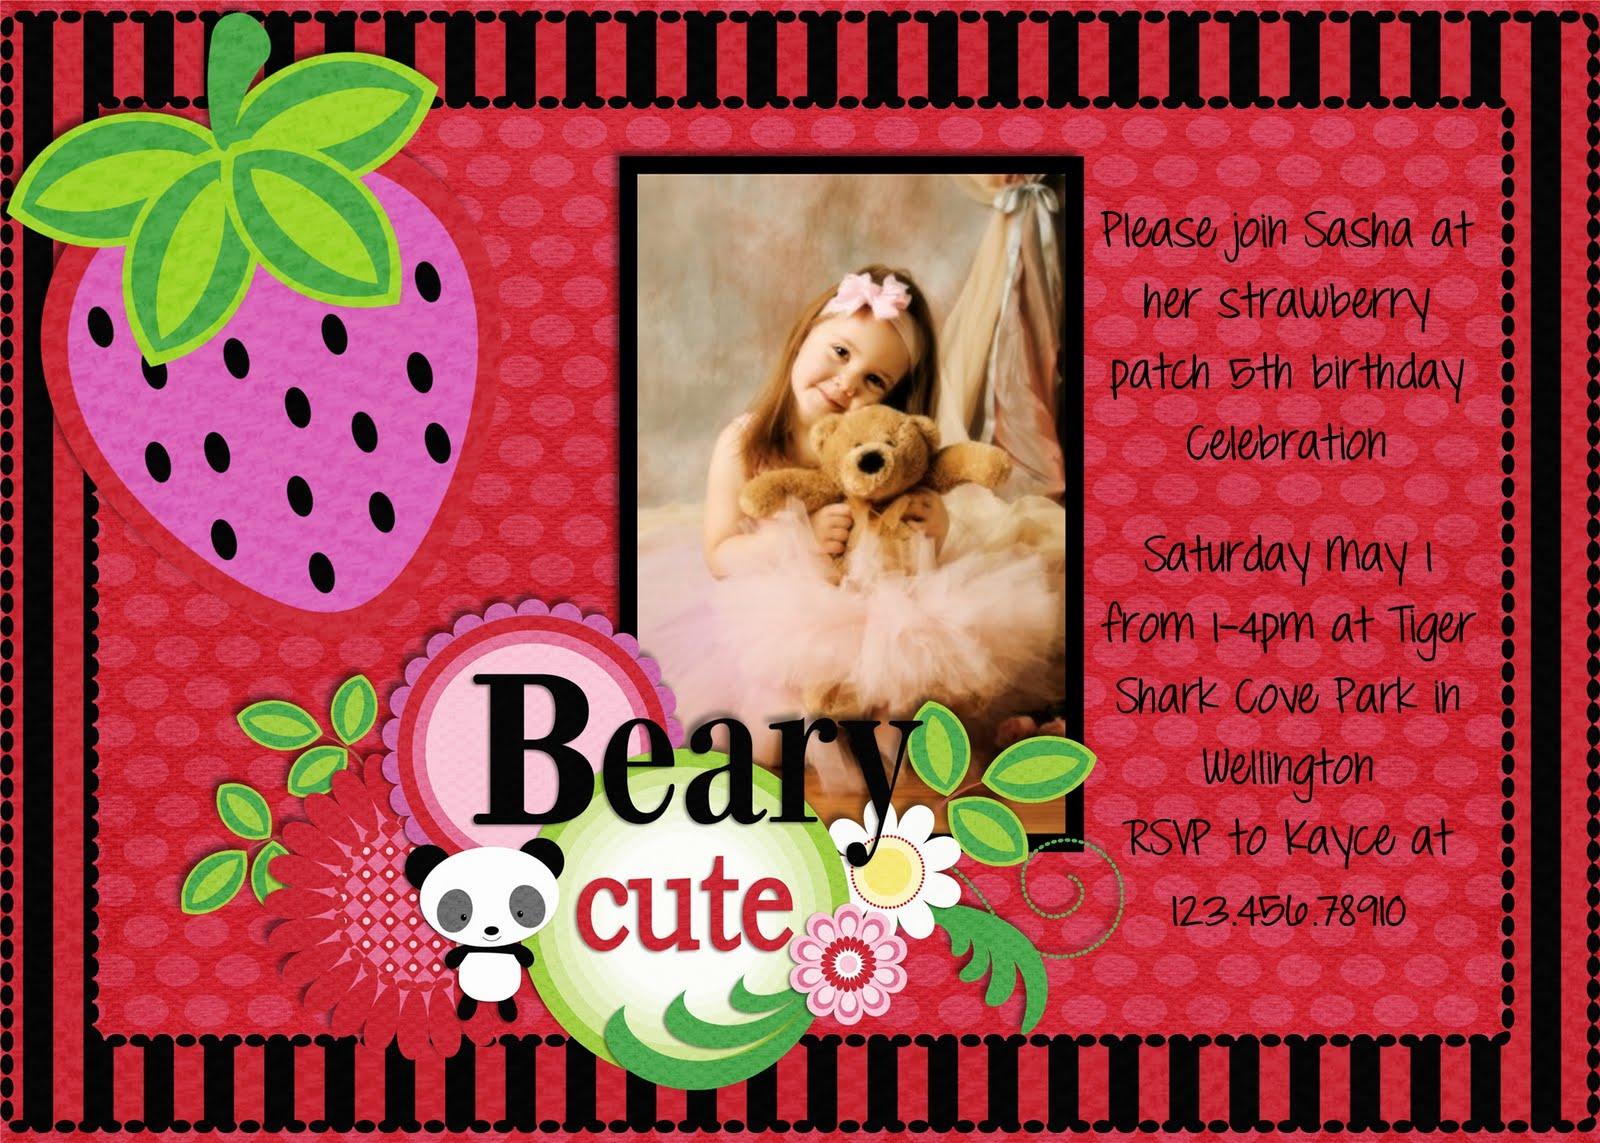 http://3.bp.blogspot.com/-L4XZQTpSqBw/Tgu55yK1eFI/AAAAAAAAADk/O7xXOPe1Ook/s1600/Etsy+Birthday+-+Page+073.jpg